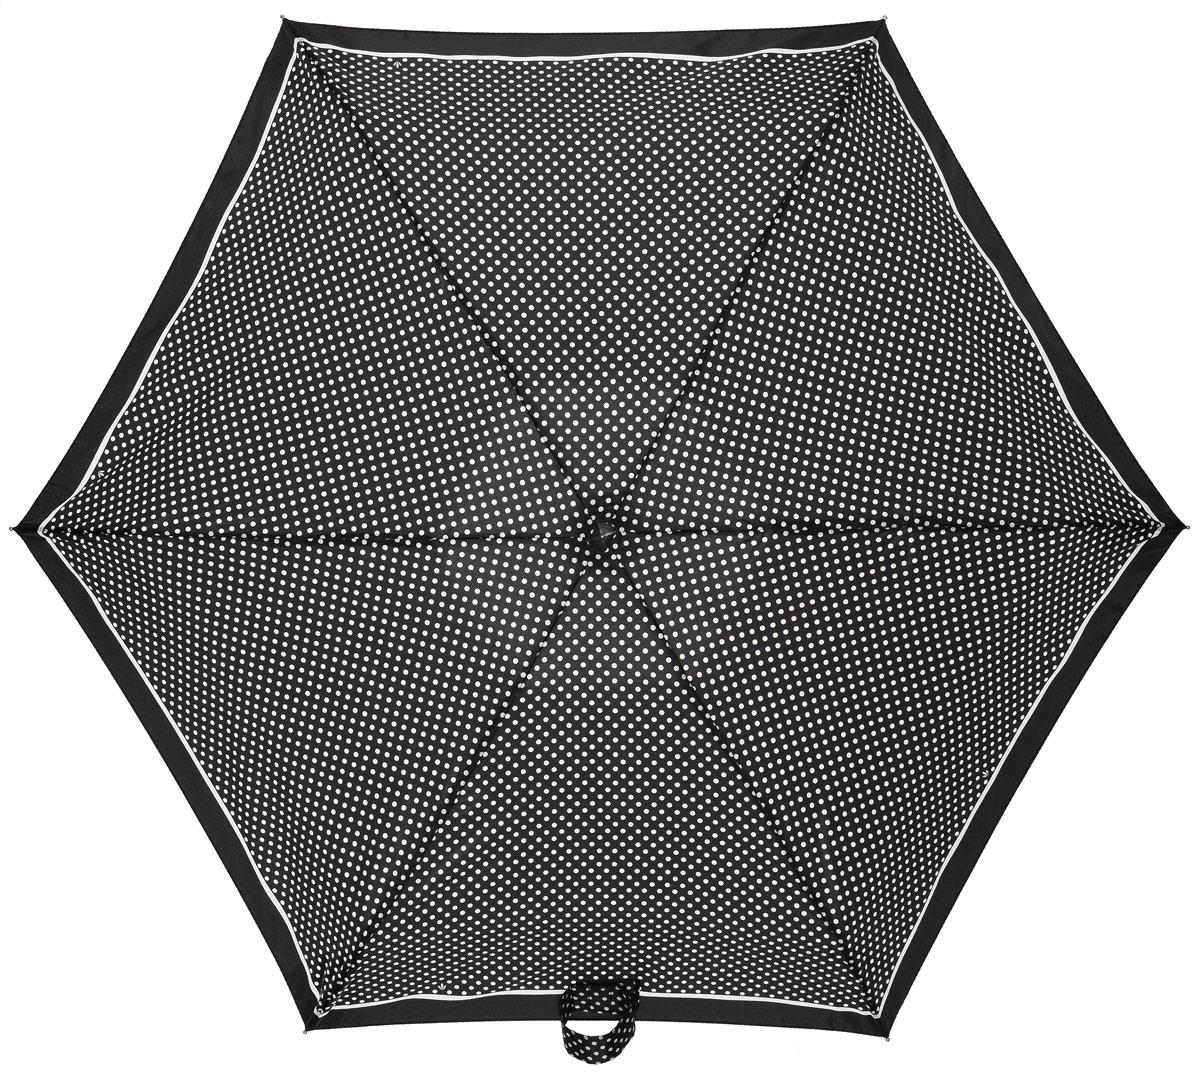 Зонт женский механика Fulton, расцветка: горох. L501-2248 ClassicSpotL501-2248 ClassicSpotПрочный, необыкновенно компактный зонт, который с легкостью поместится в маленькую сумочку. Удобный плоский чехол. Облегченный алюминиевый каркас с элементами из фибергласса. Ветроустойчивая конструкция. Размеры зонта в сложенном виде 15смх6смх3см, диаметр купола 87 см.